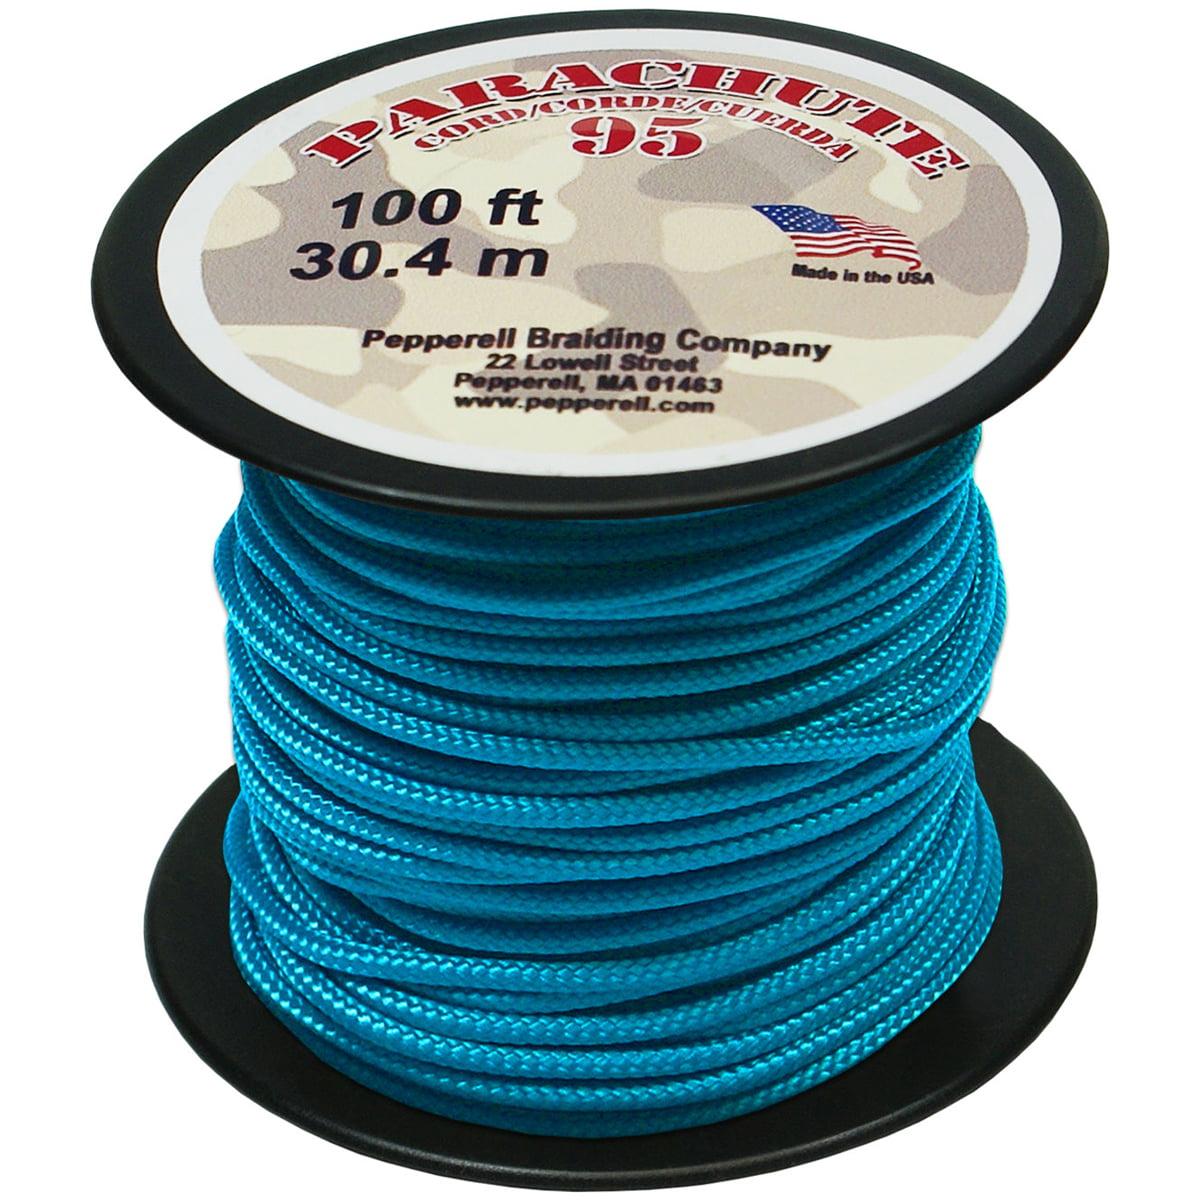 Pepperell Parachute Cord 95, 100\' Roll - Walmart.com